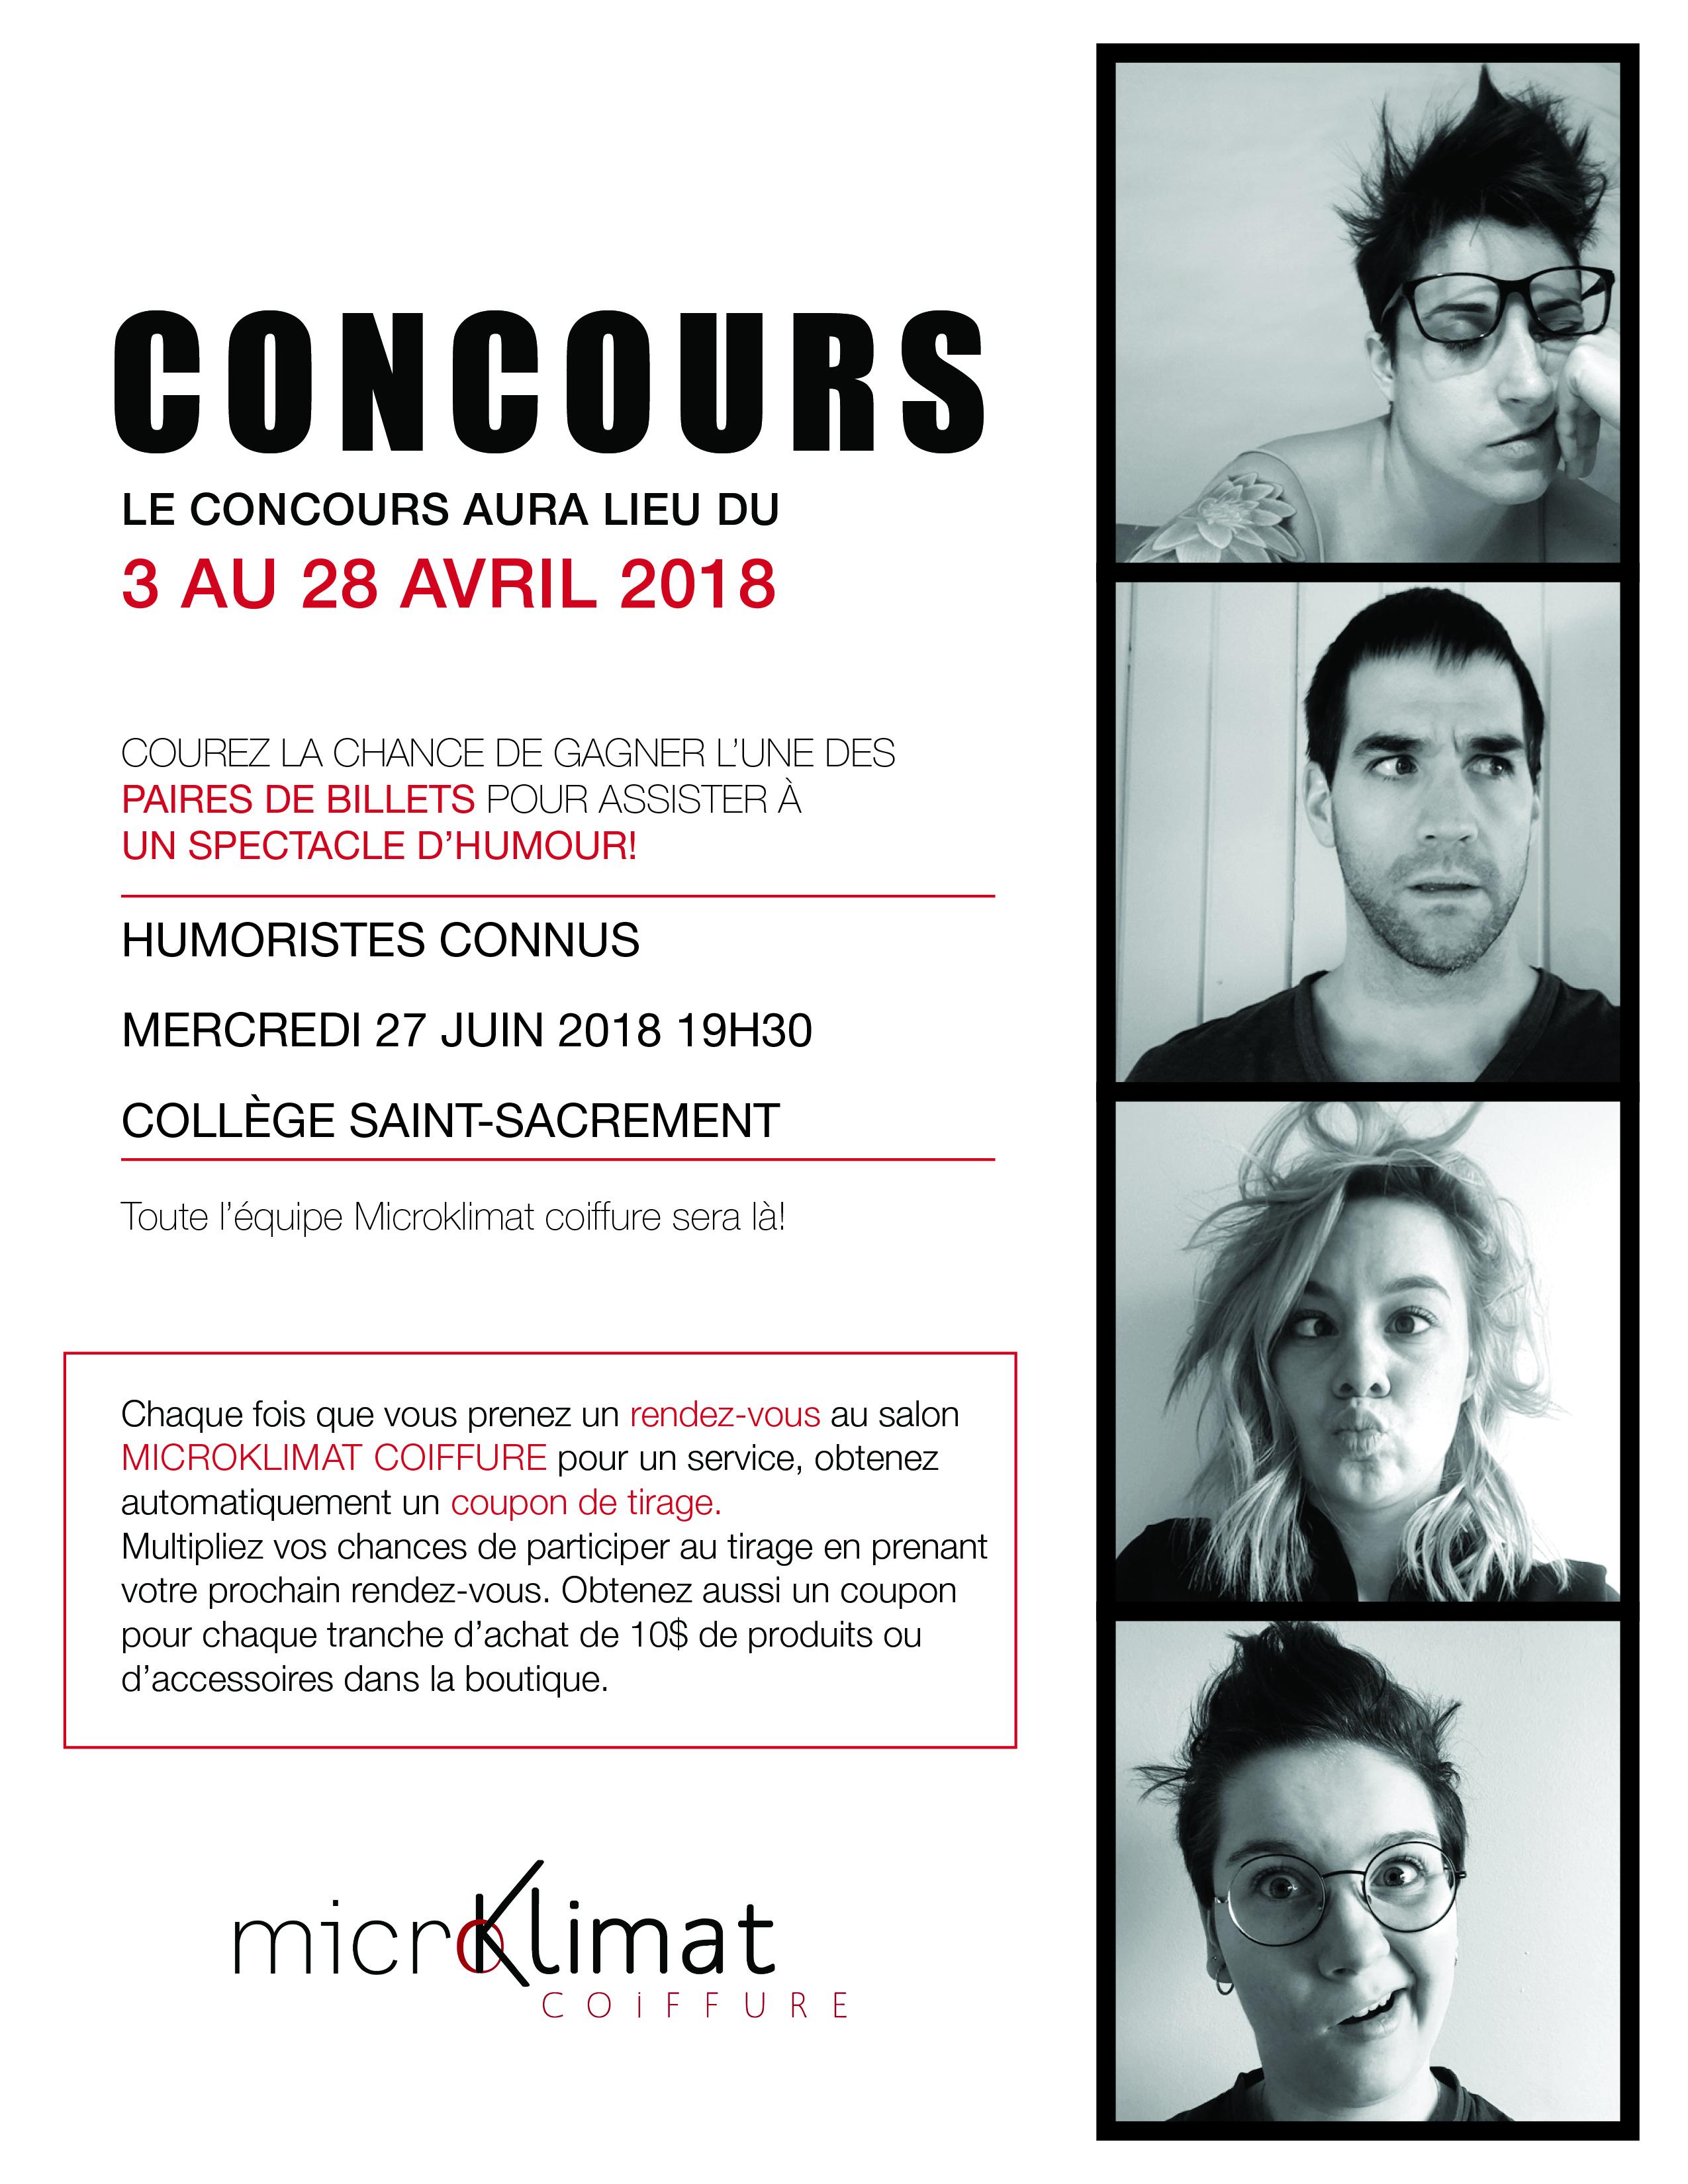 Coiffure, Microklimat, Vieux-Terrebonne, concours